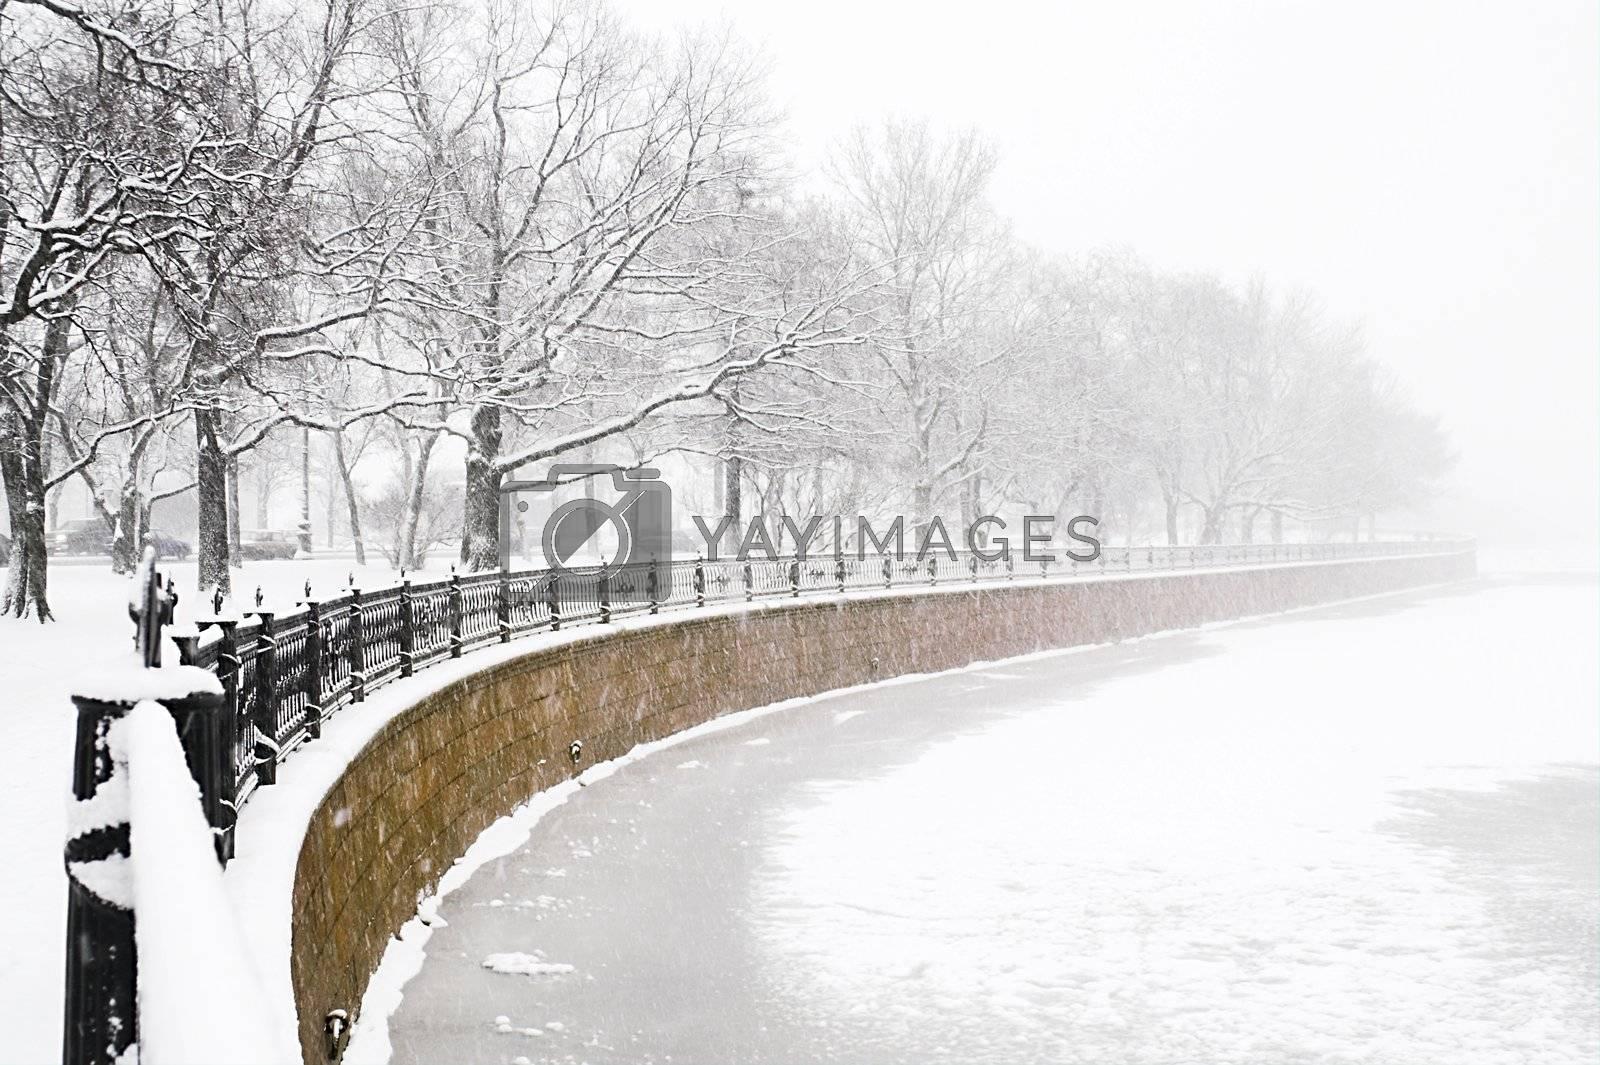 embankment at snowfall by simfan